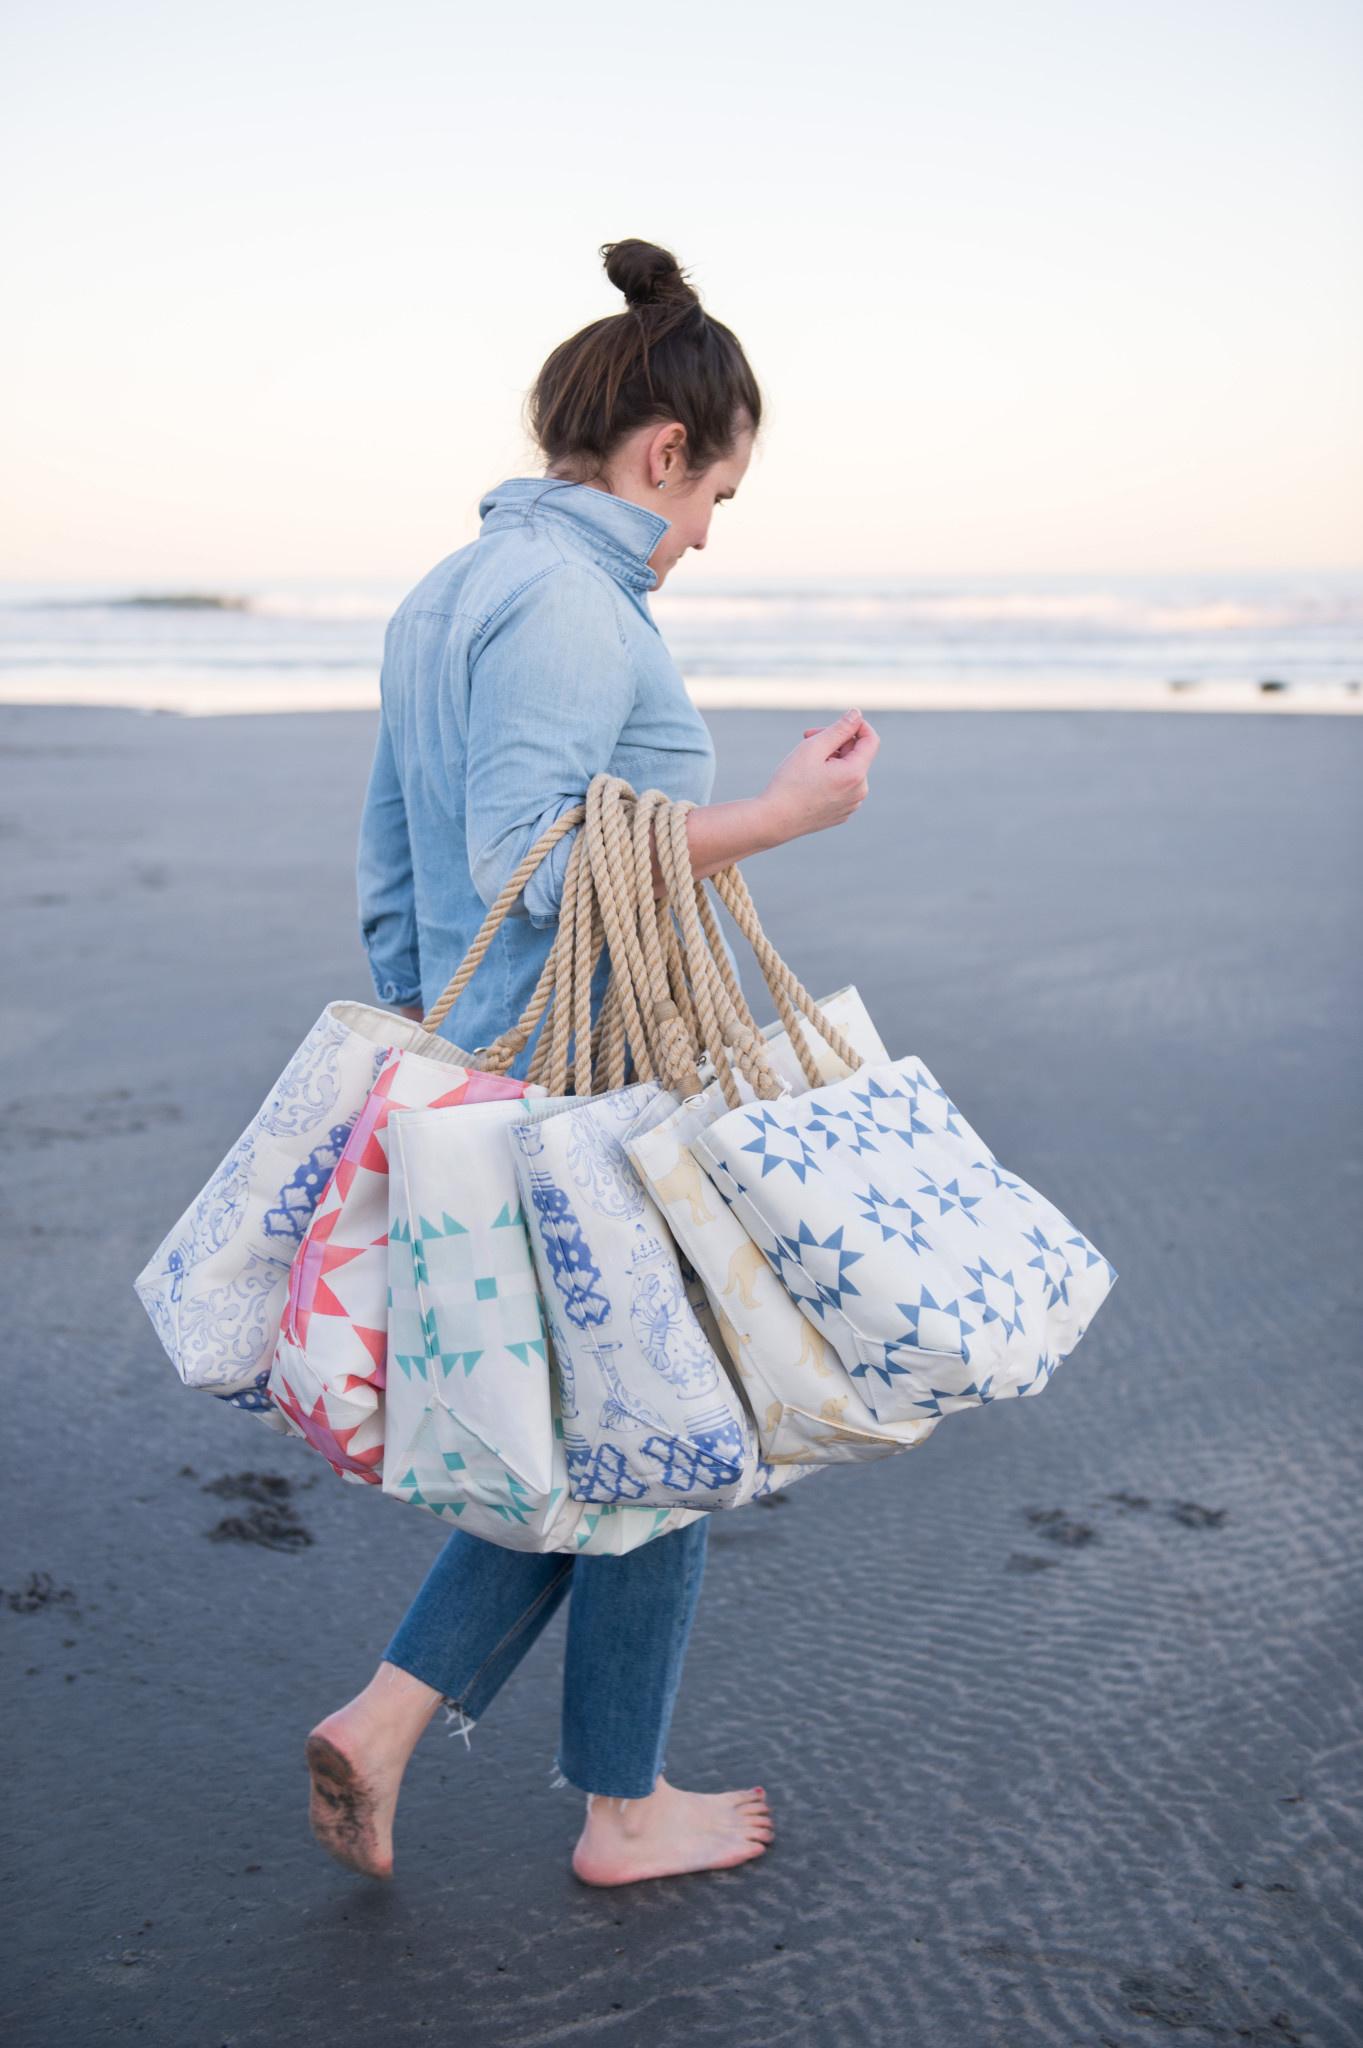 Sea Bags Sara Fitz - Blue Quilt - Medium Tote - Hemp Handle with Clasp